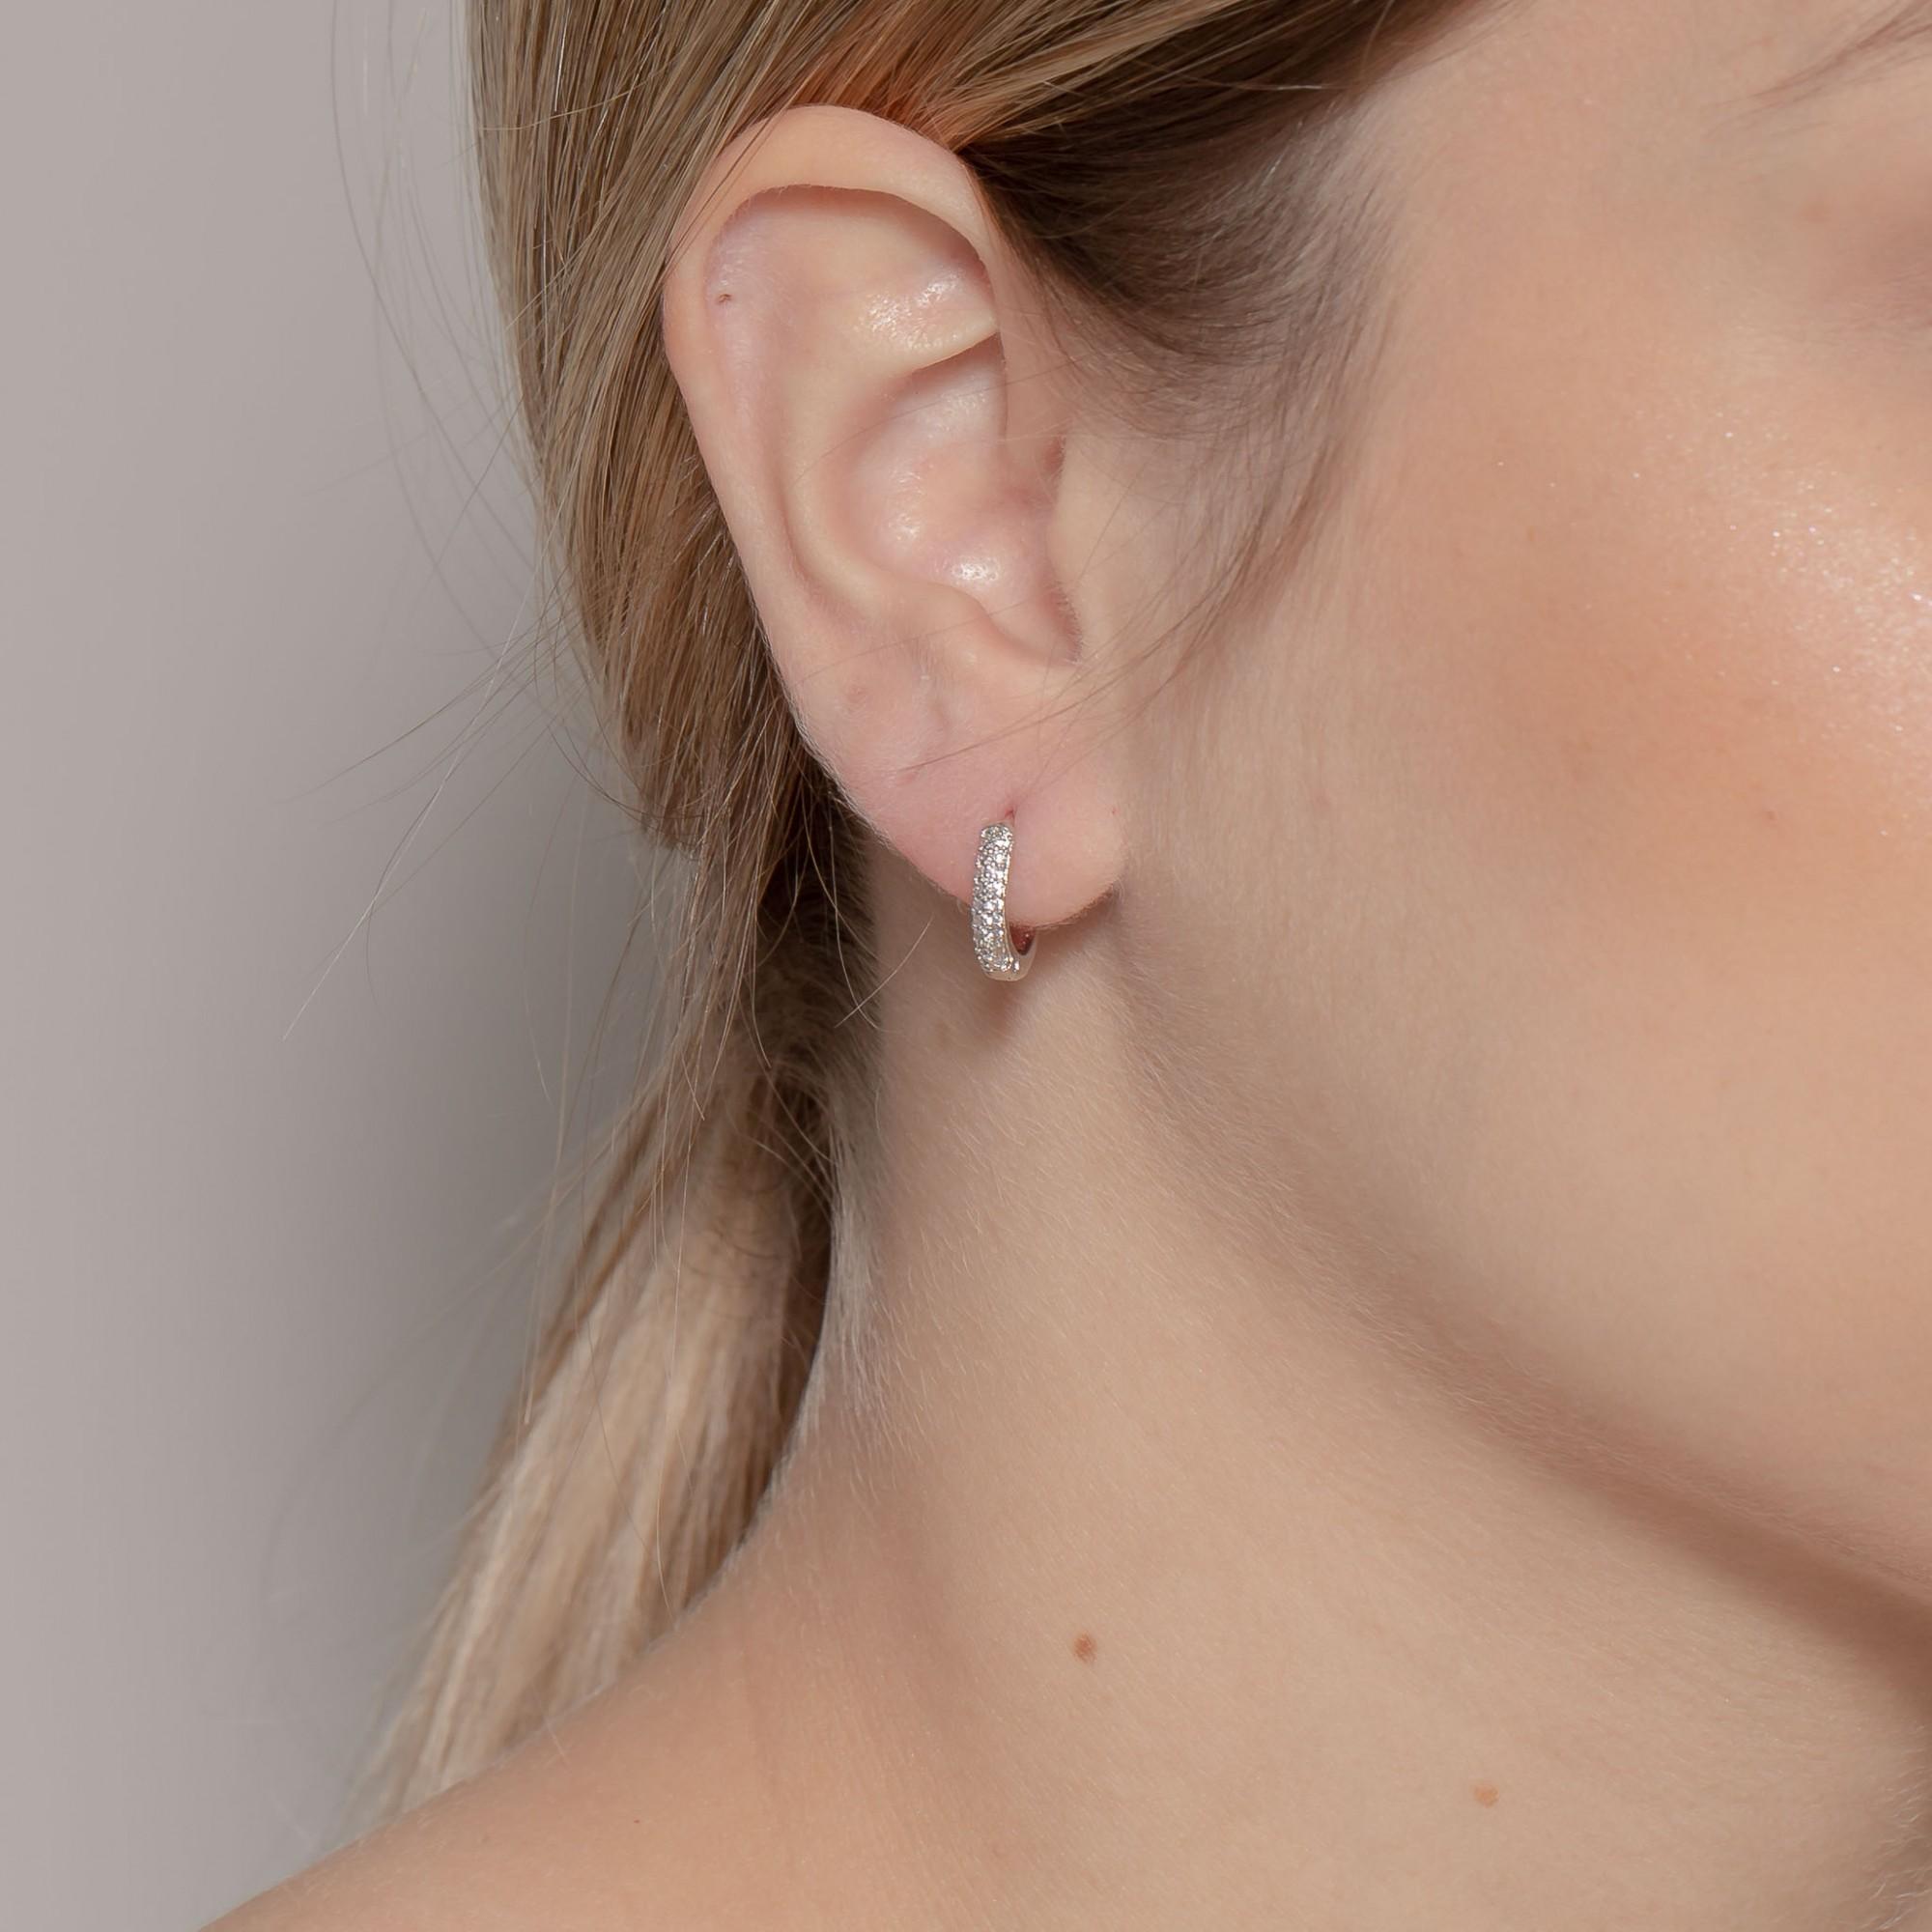 Argolinha de clique 1 cm e duas fileiras de zircônias banho de ródio branco.  - romabrazil.com.br